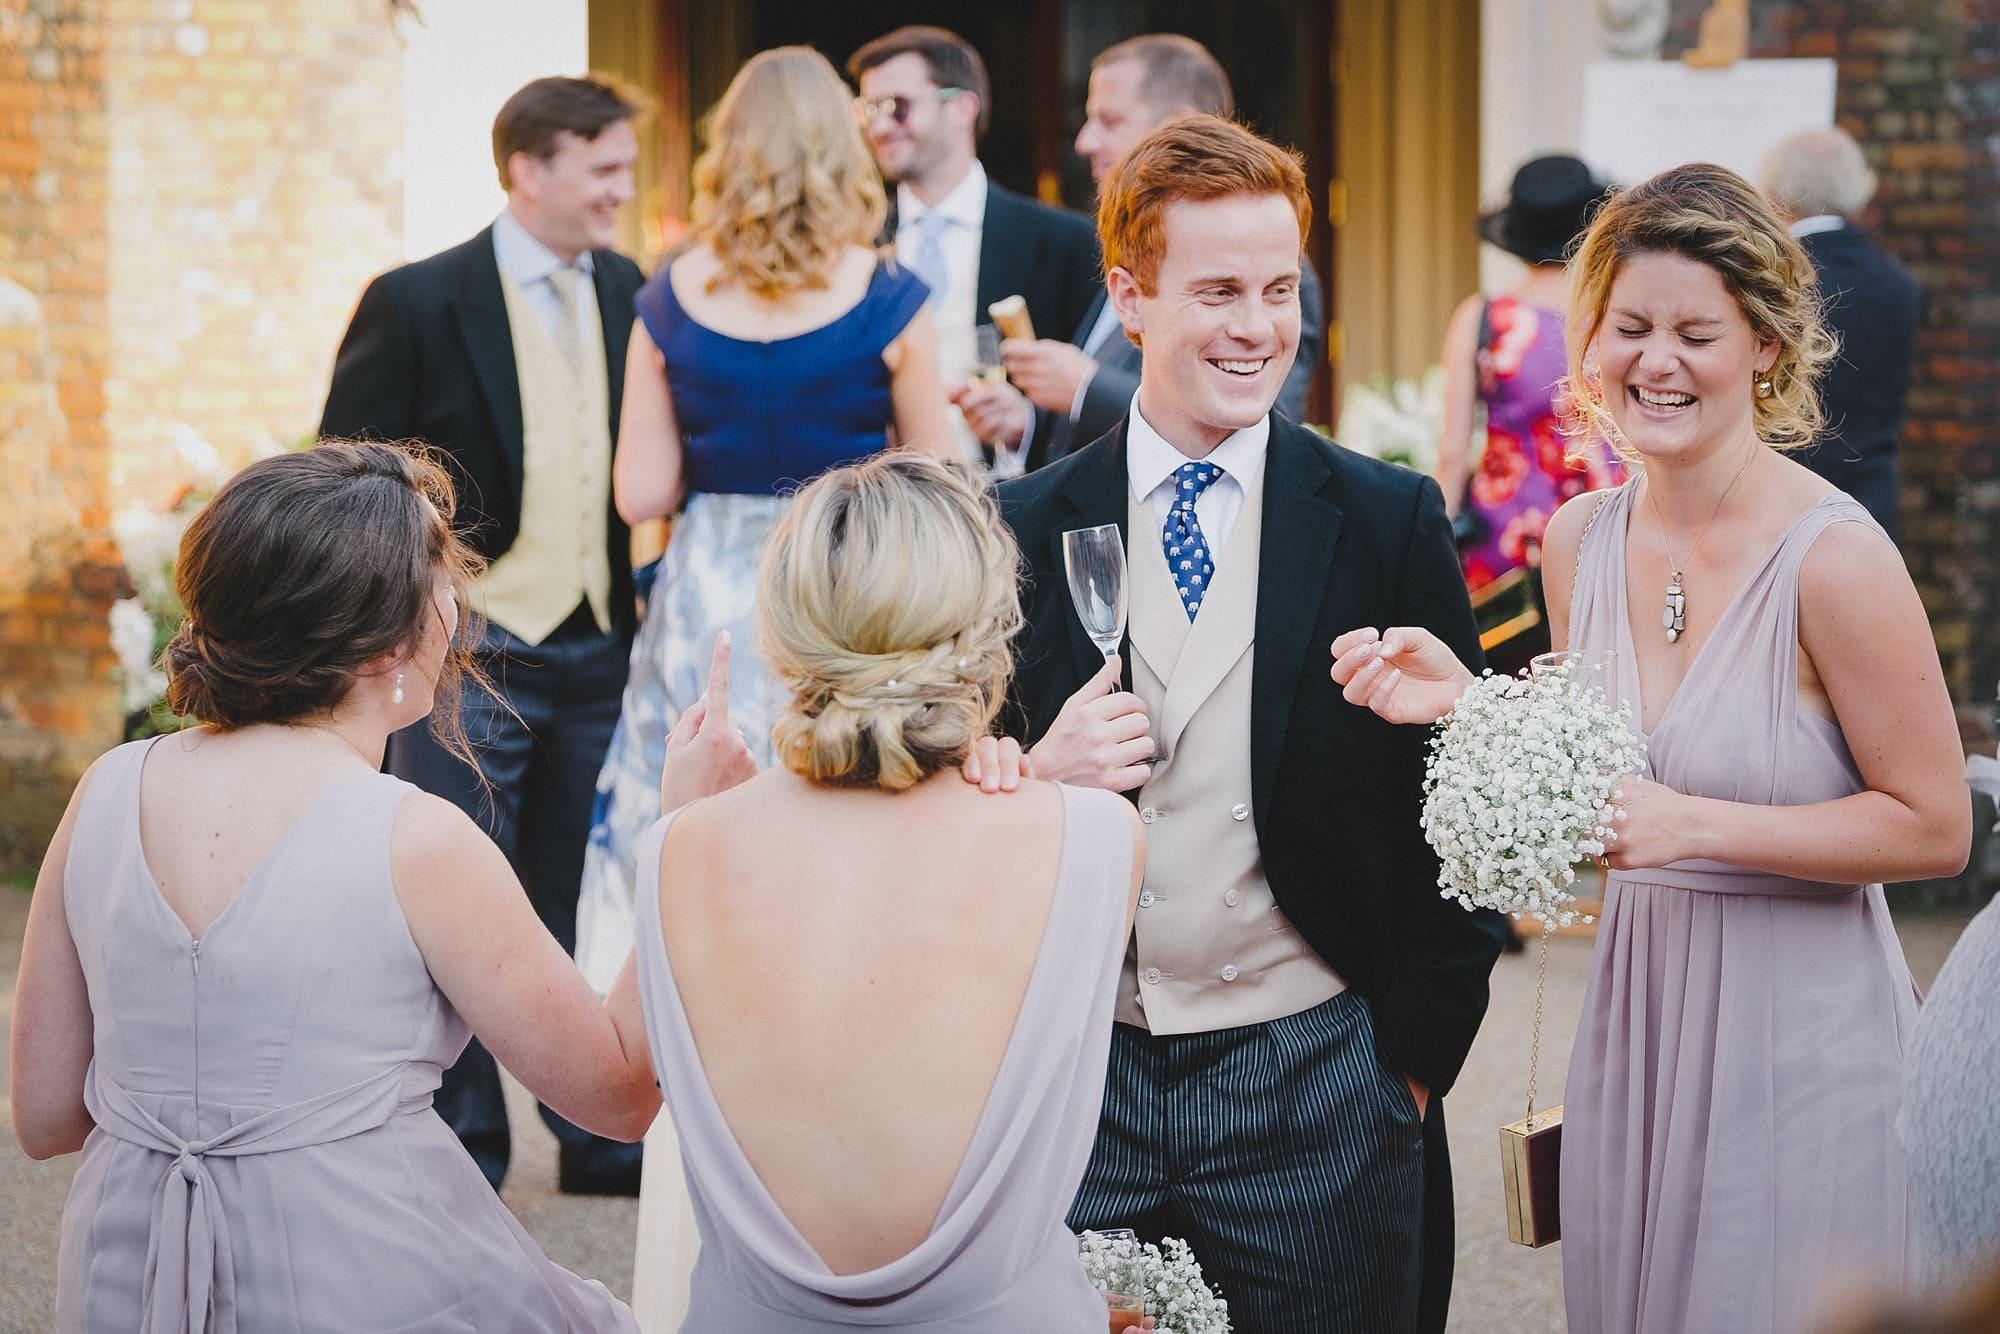 fulham palace wedding photographer 060 - Rosanna + Duncan | Fulham